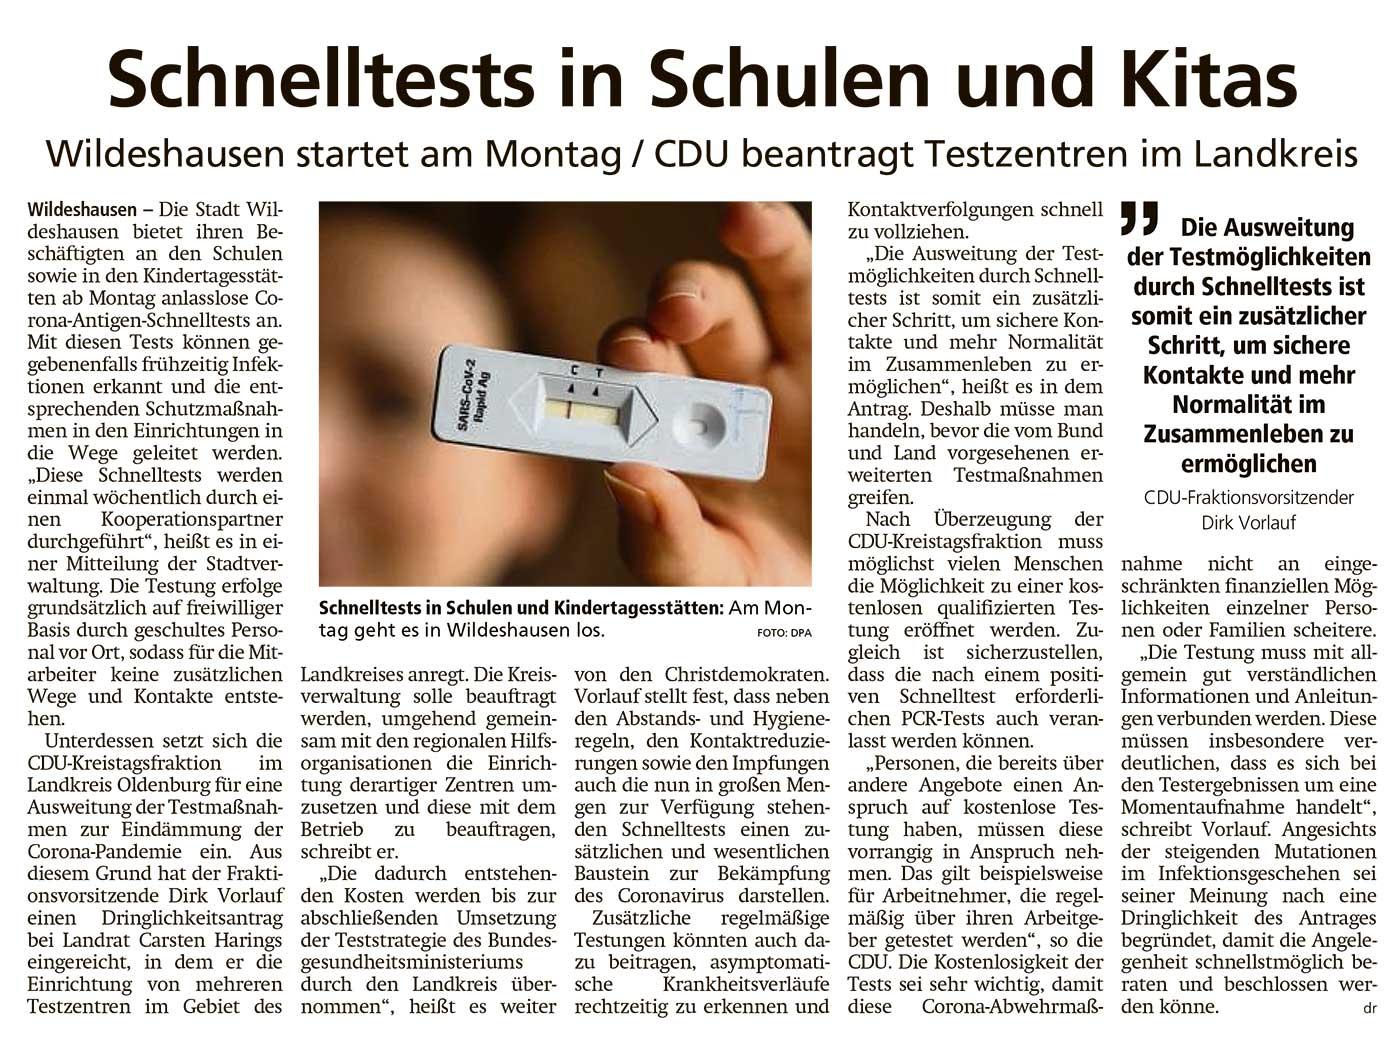 Schnelltests in Schulen und KitasWildeshausen startet am Montag / CDU beantragt Testzentren im LandkreisArtikel vom 06.03.2021 (WZ)